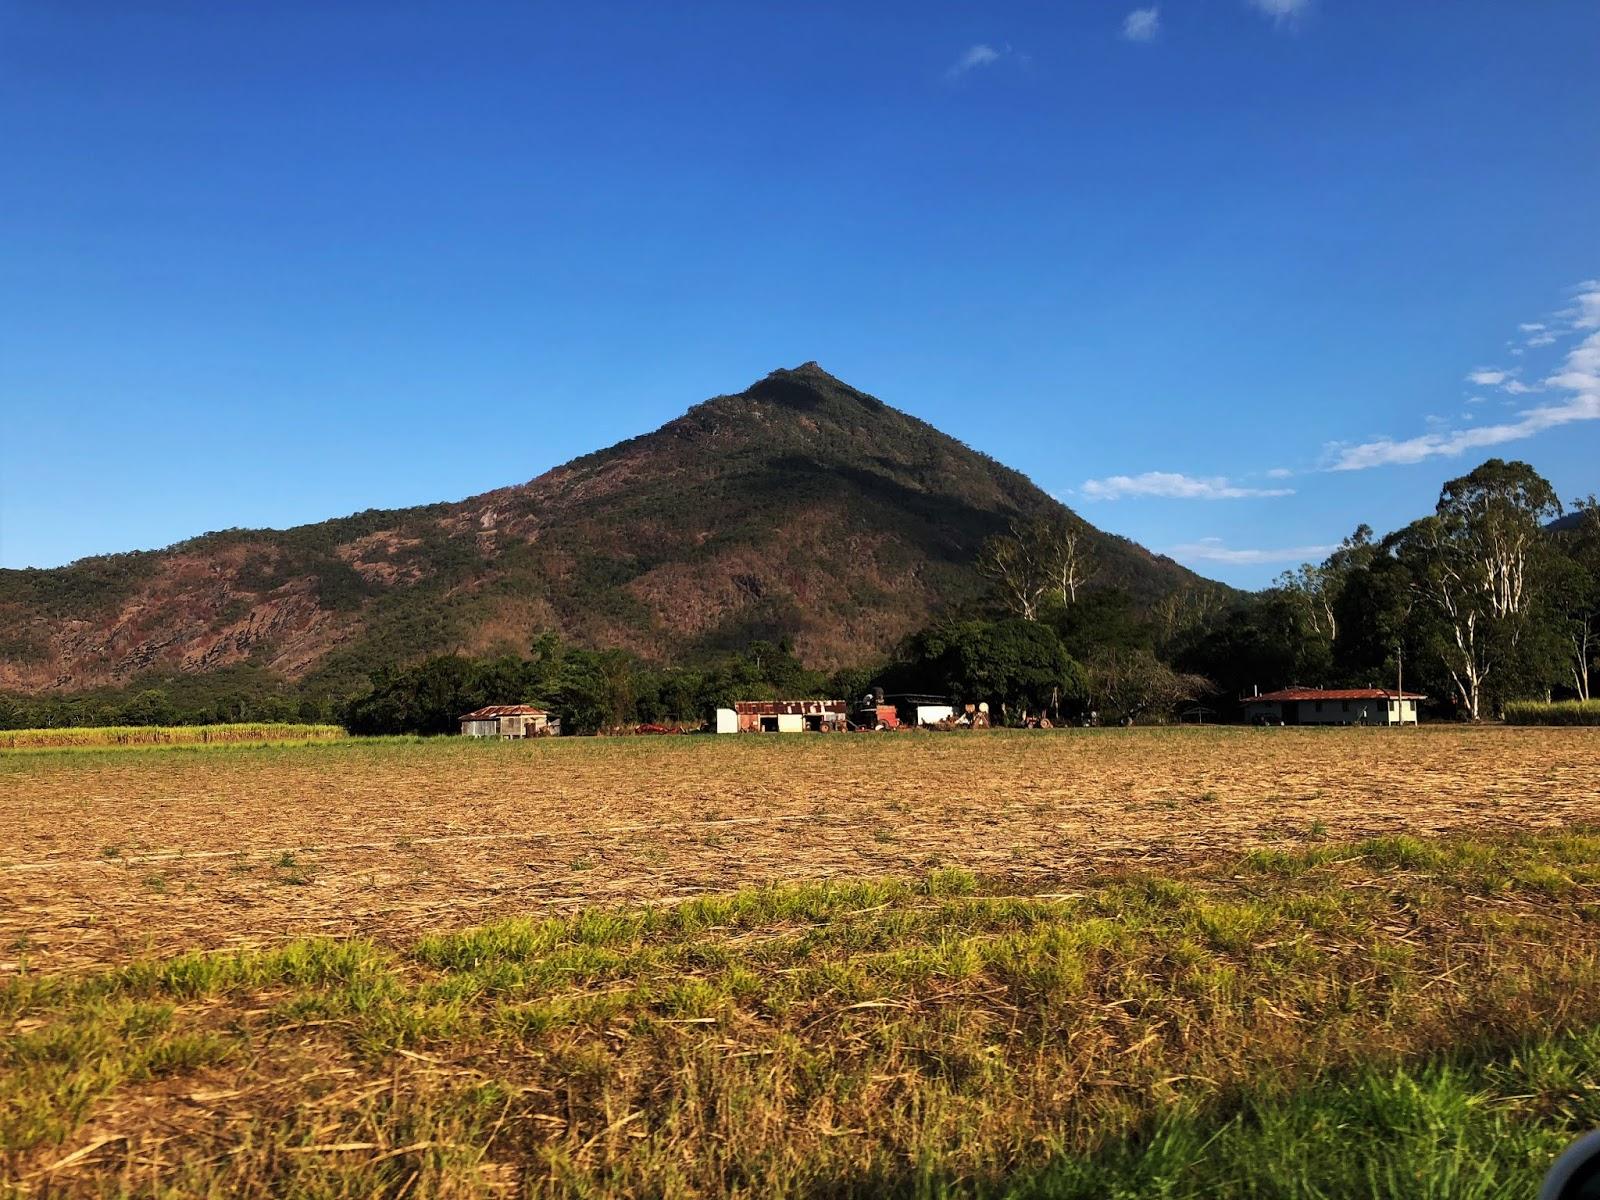 Góra o nazwie Walsh's Pyramid przypominająca piramidę na tle błękitnego nieba i suchego pola u jej podstaw.